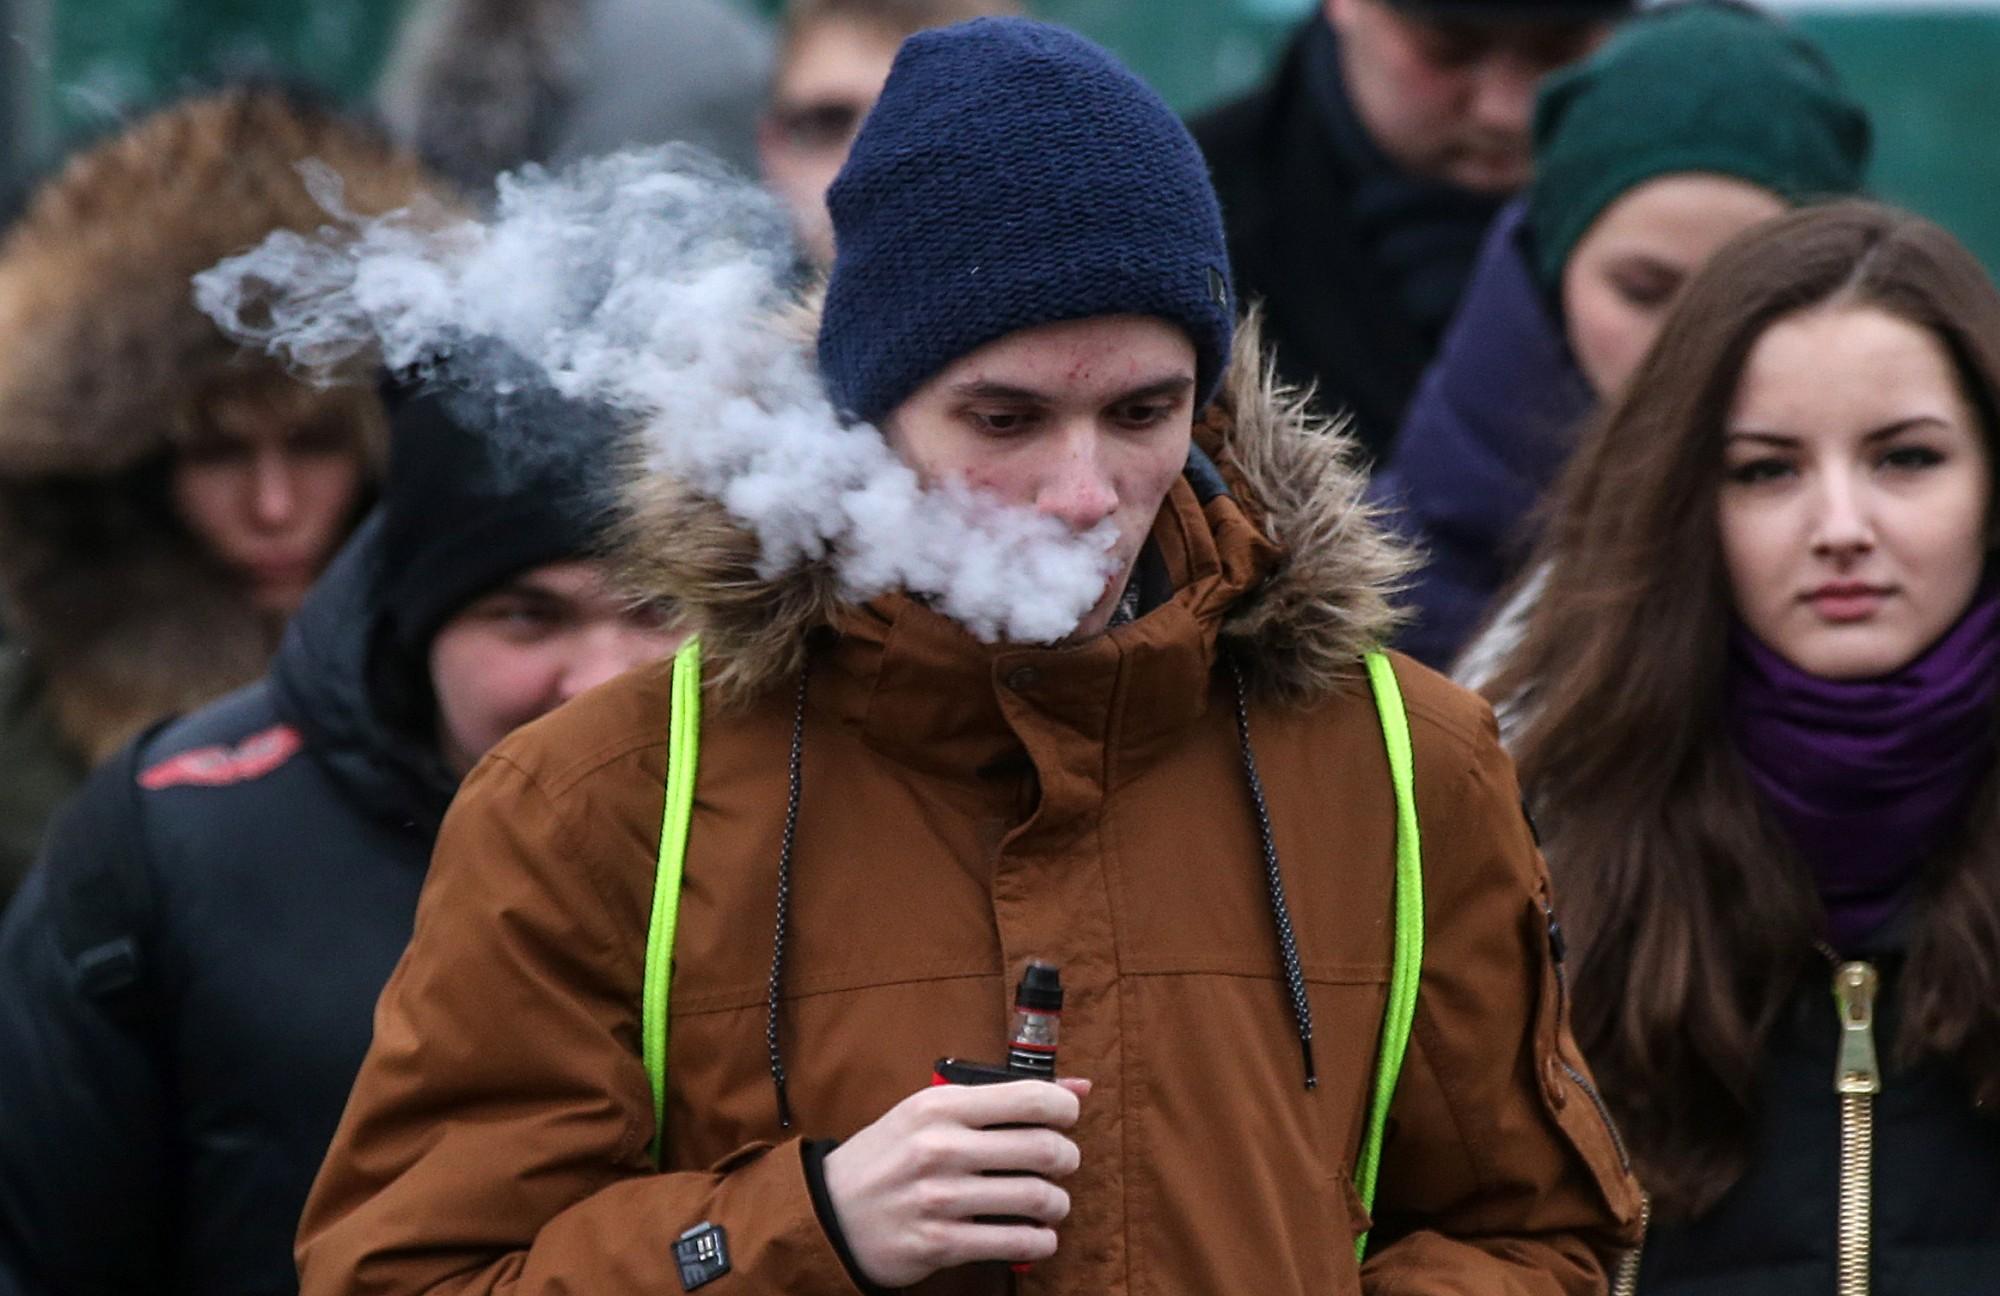 Vai elektroniskās cigaretes drīkst smēķēt jebkur?